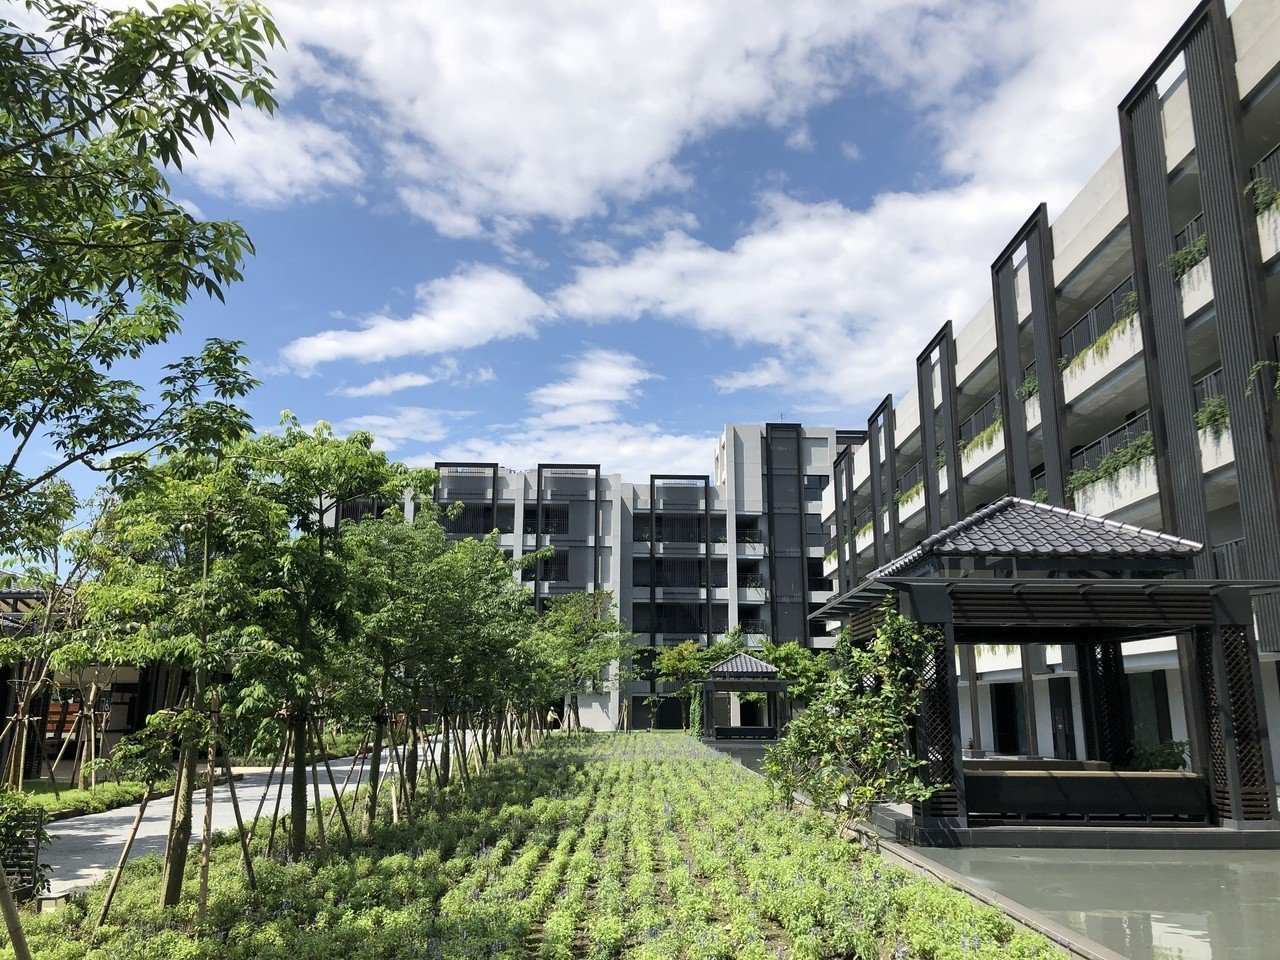 酒店共規劃142間客房,在規劃設計時,就將生態自然元素融入酒店每一個空間,從眼、...